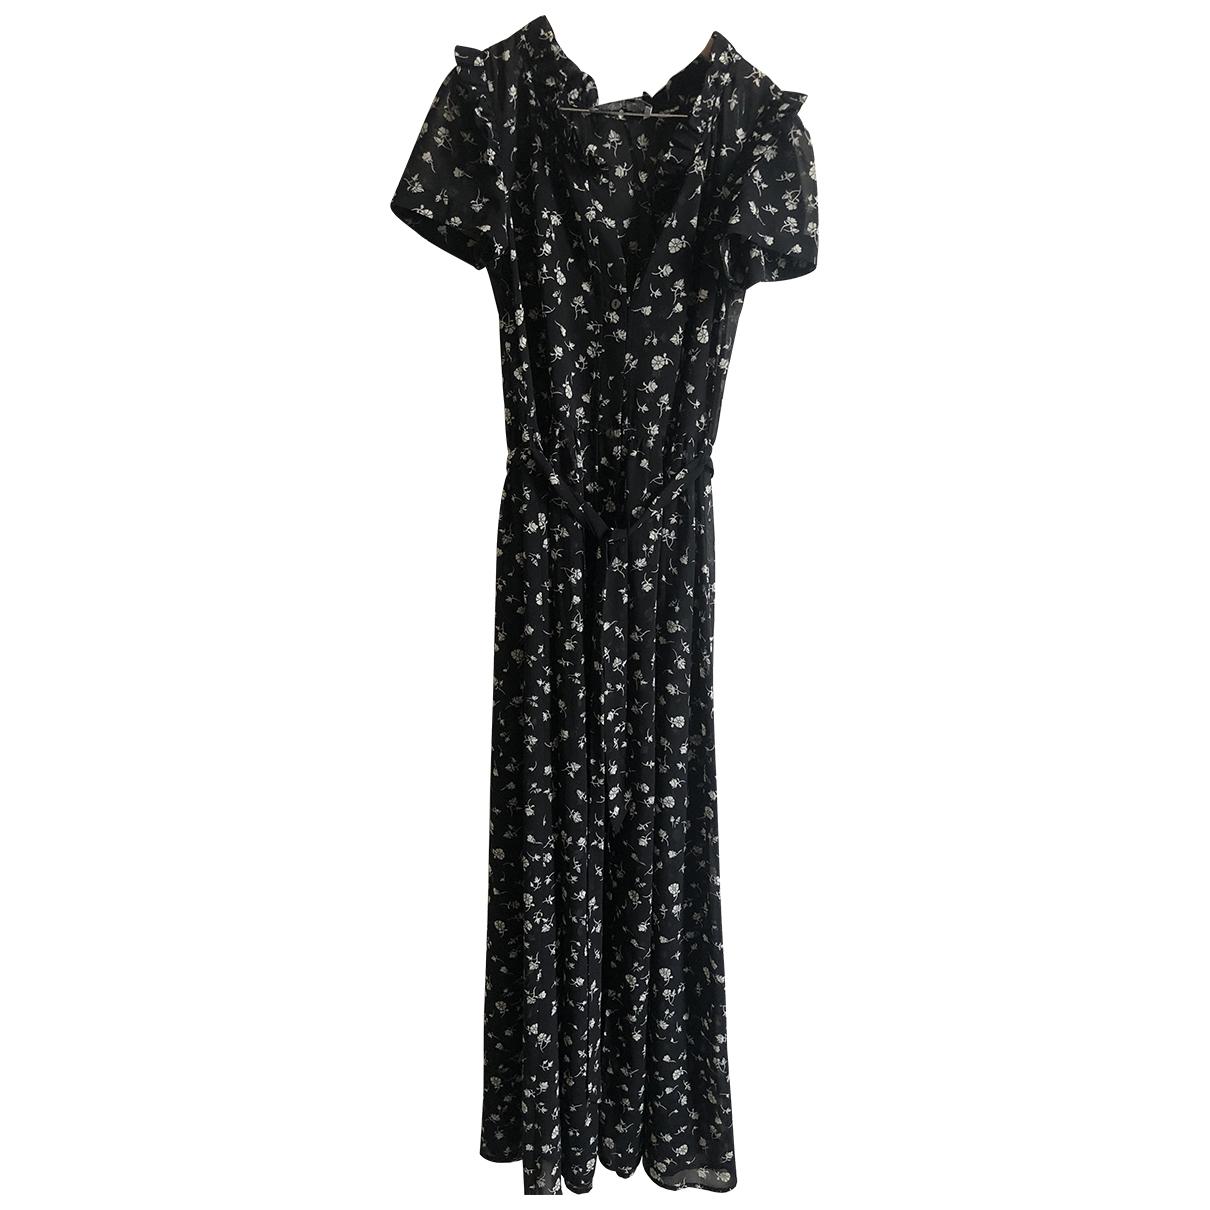 Wildfox \N Kleid in  Schwarz Polyester